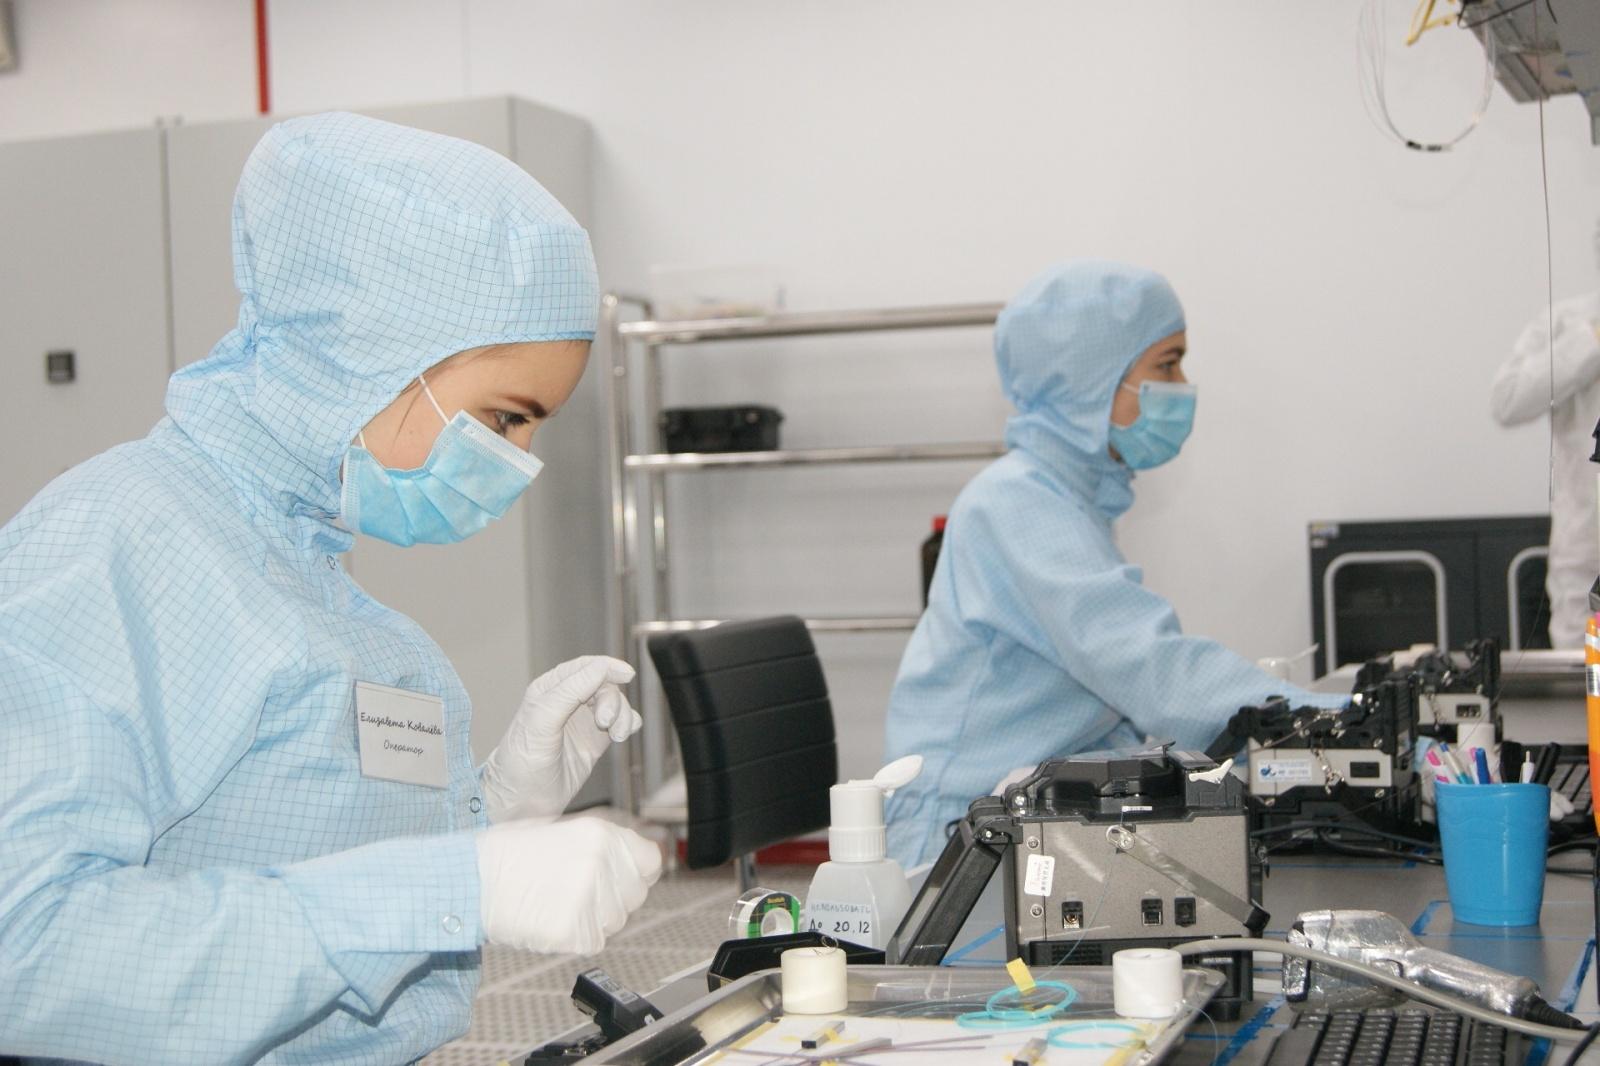 Ведущий мировой разработчик оптоэлектронных модулей и подсистем NeoPhotonics открыл производство в Москве - 1